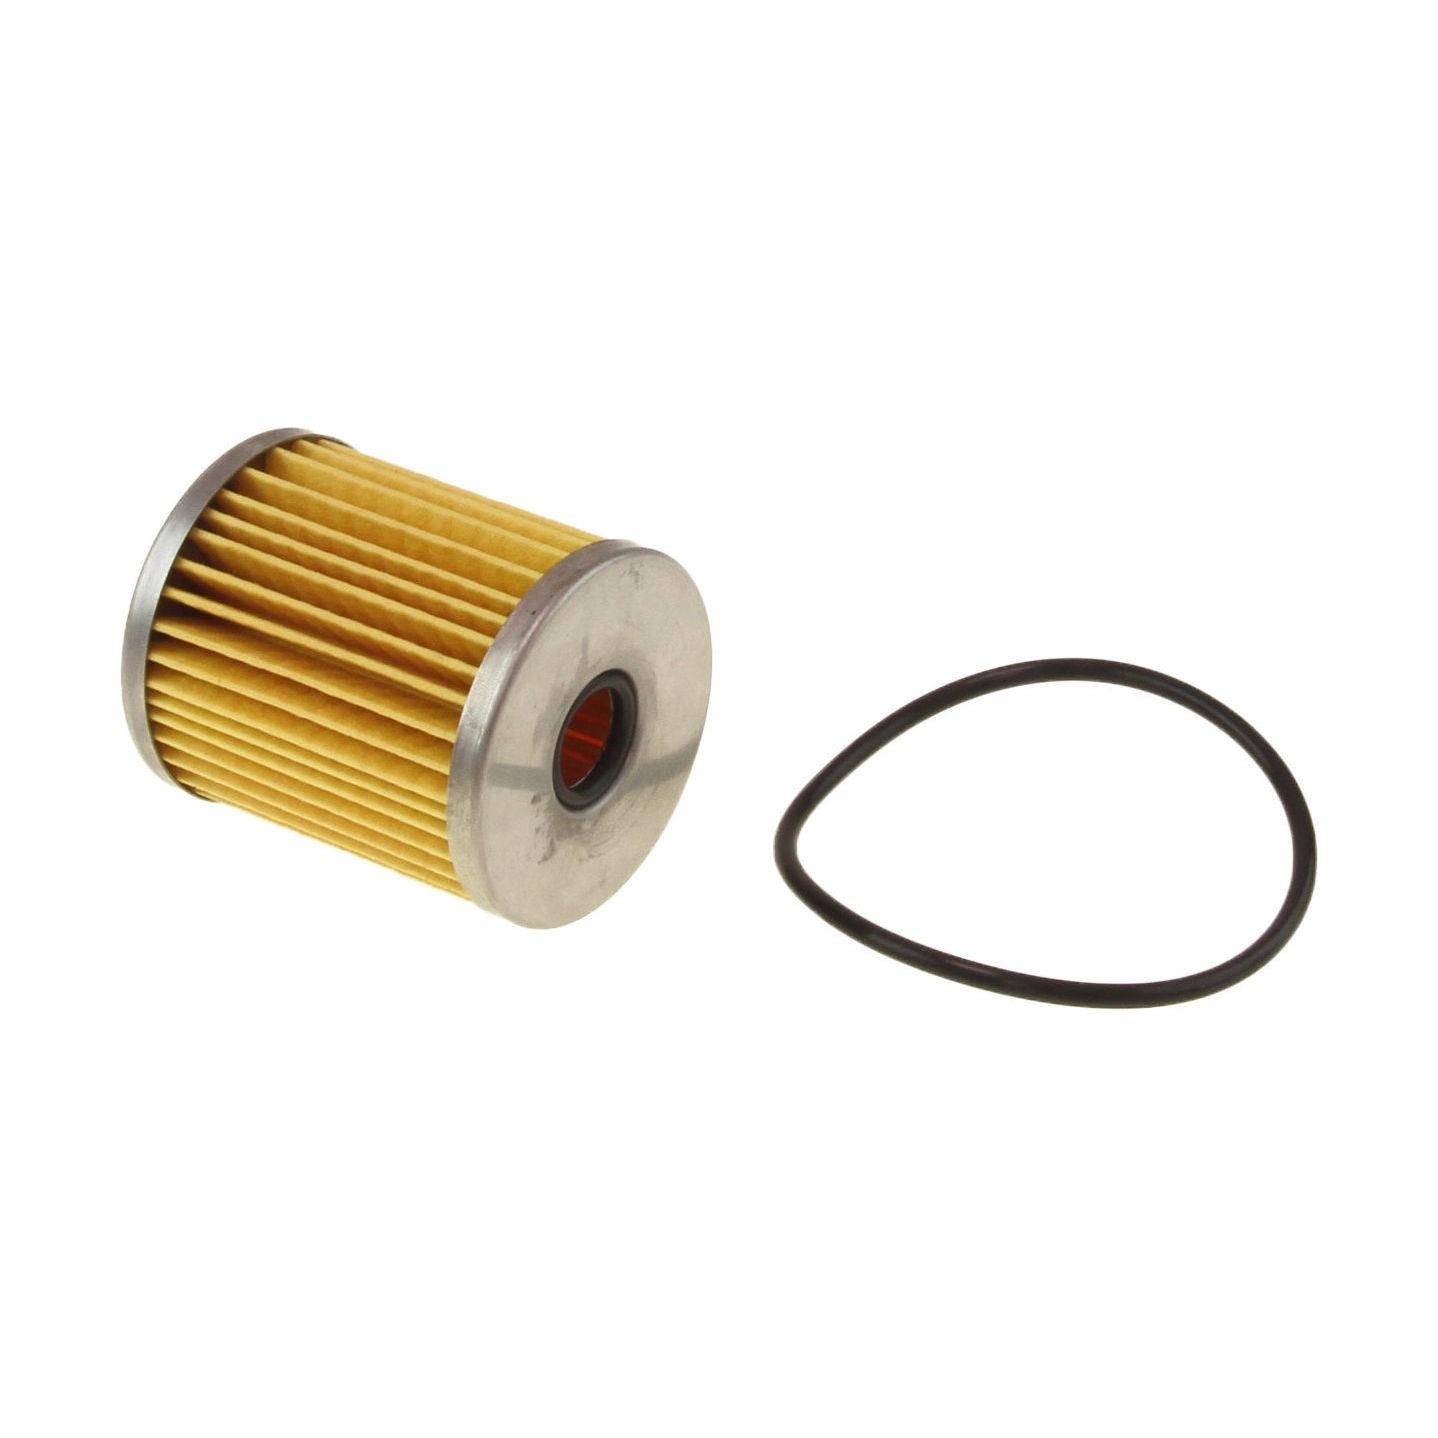 Fuel Filter, Removable Insert 10 MK For OM225 6591098J00_OM